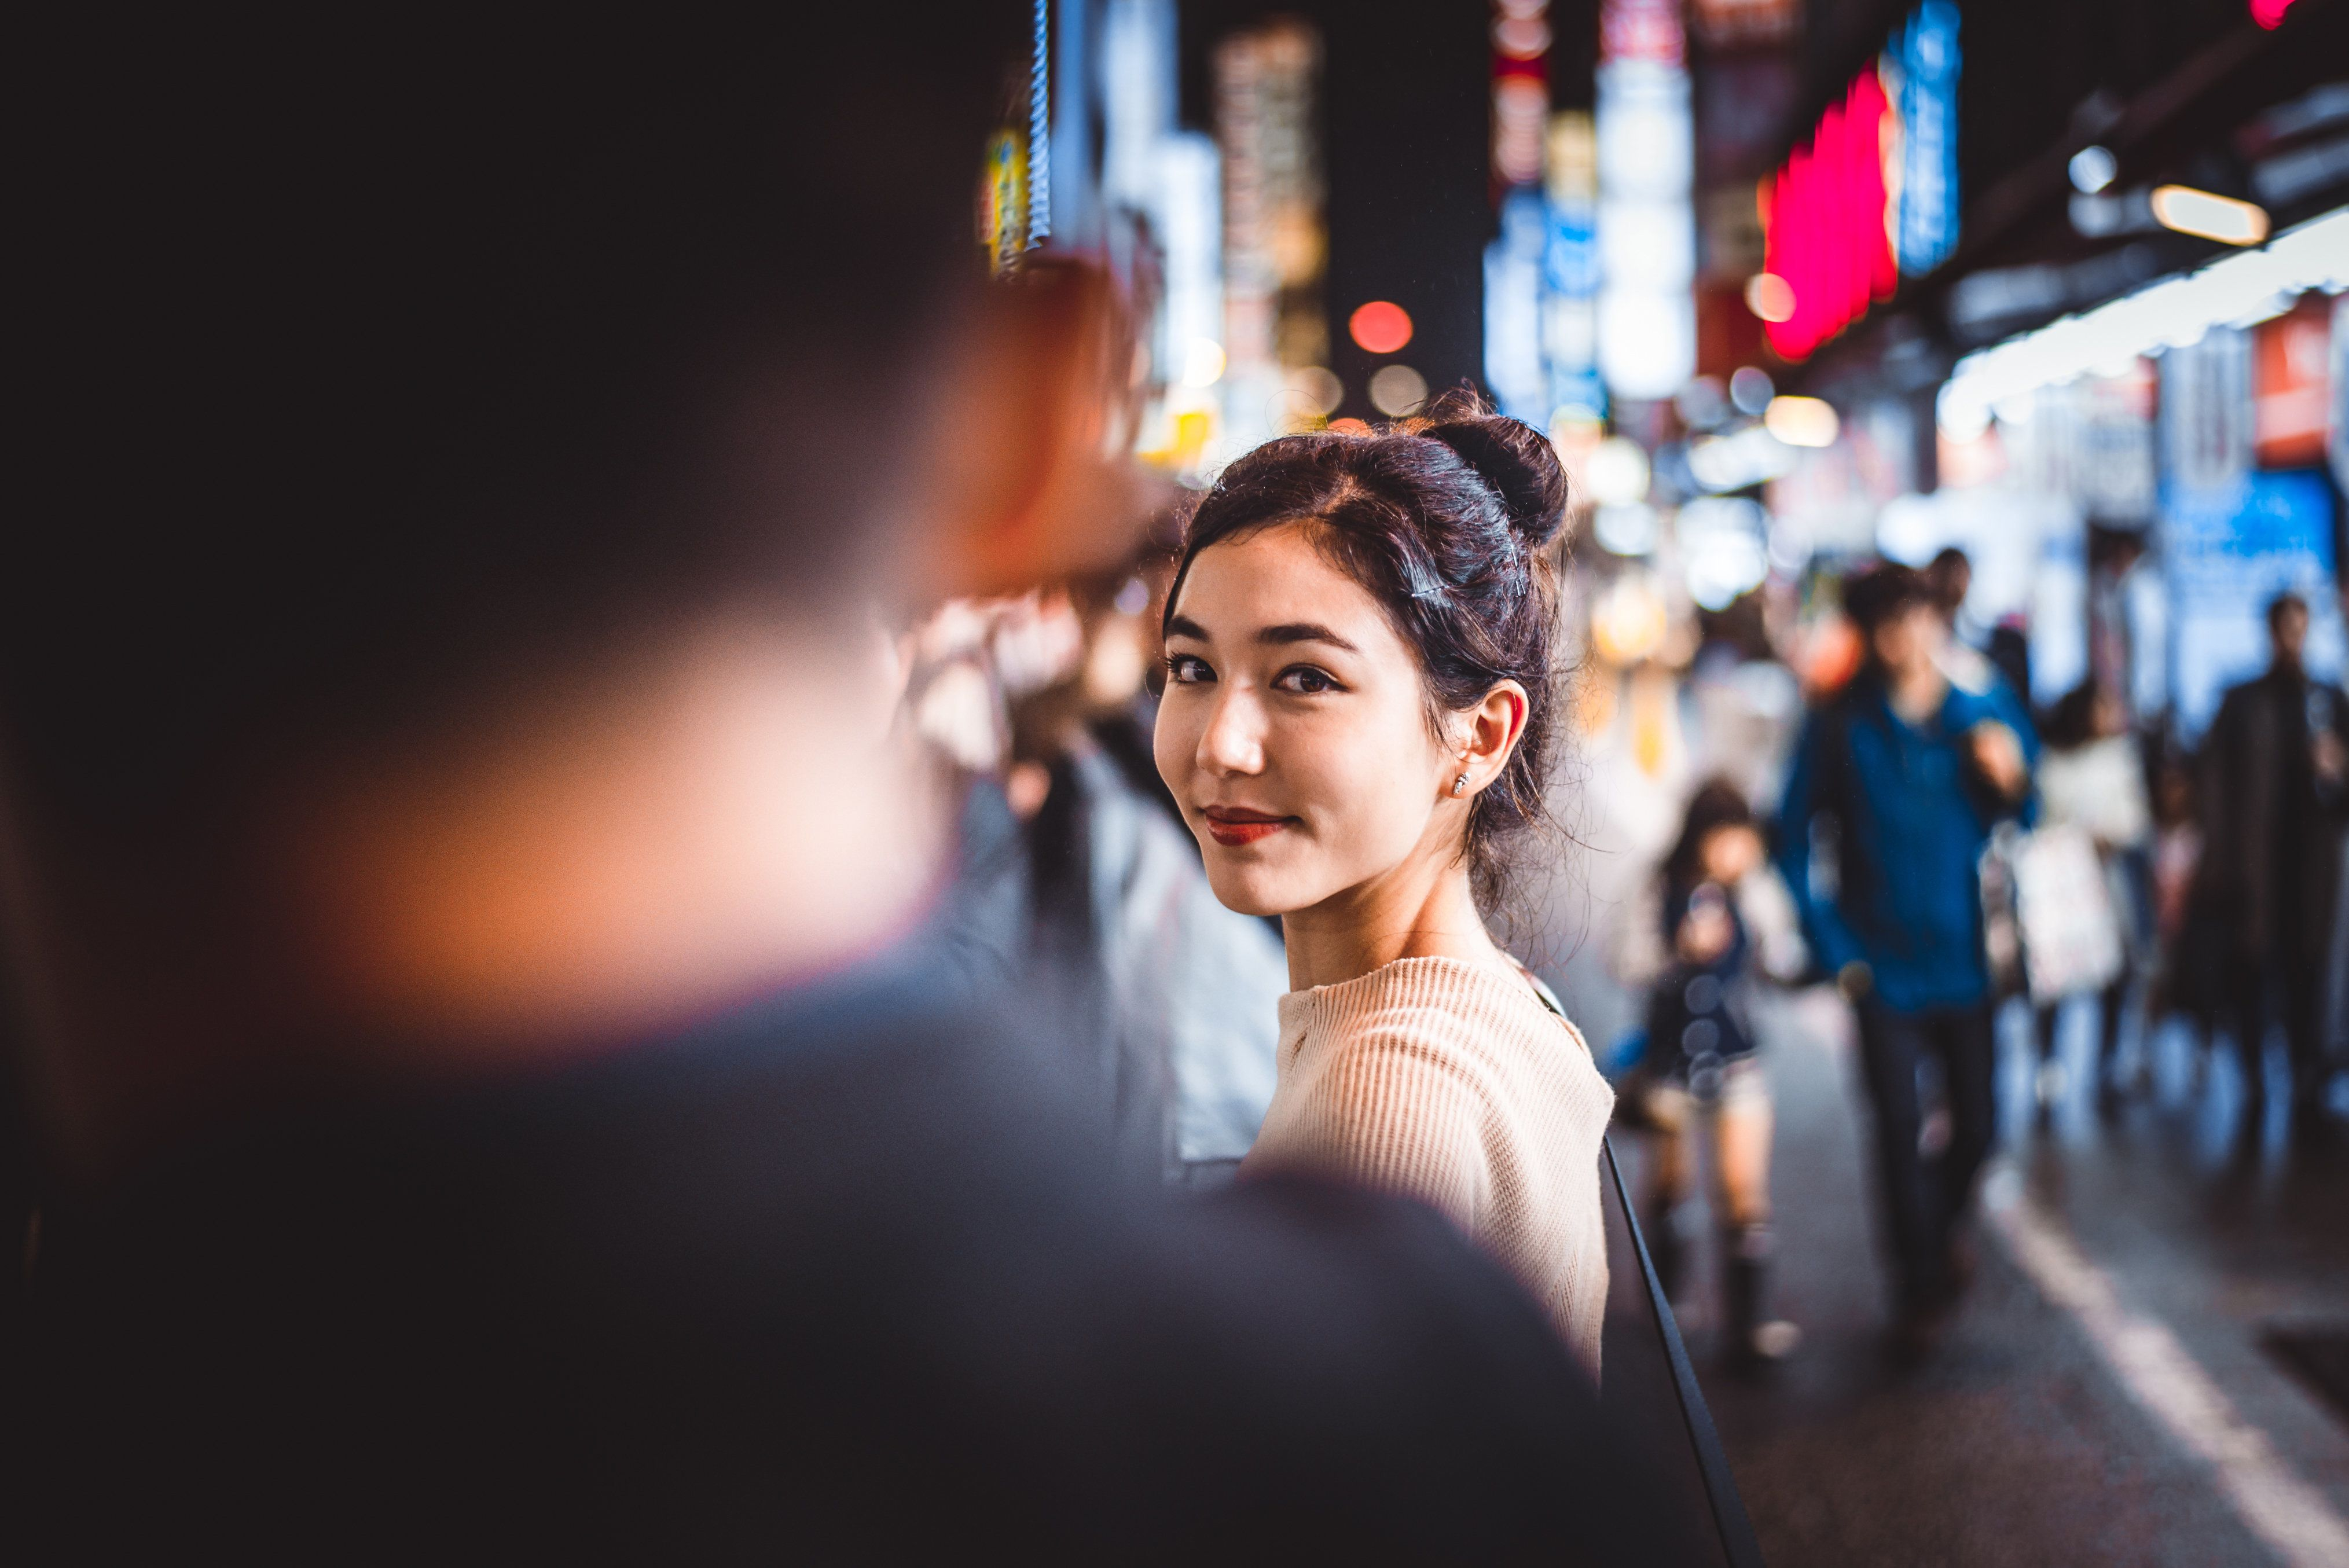 [2019 허프 서베이] 결혼은 곧 '가족의 탄생'일까? 20대 여성의 생각은 좀